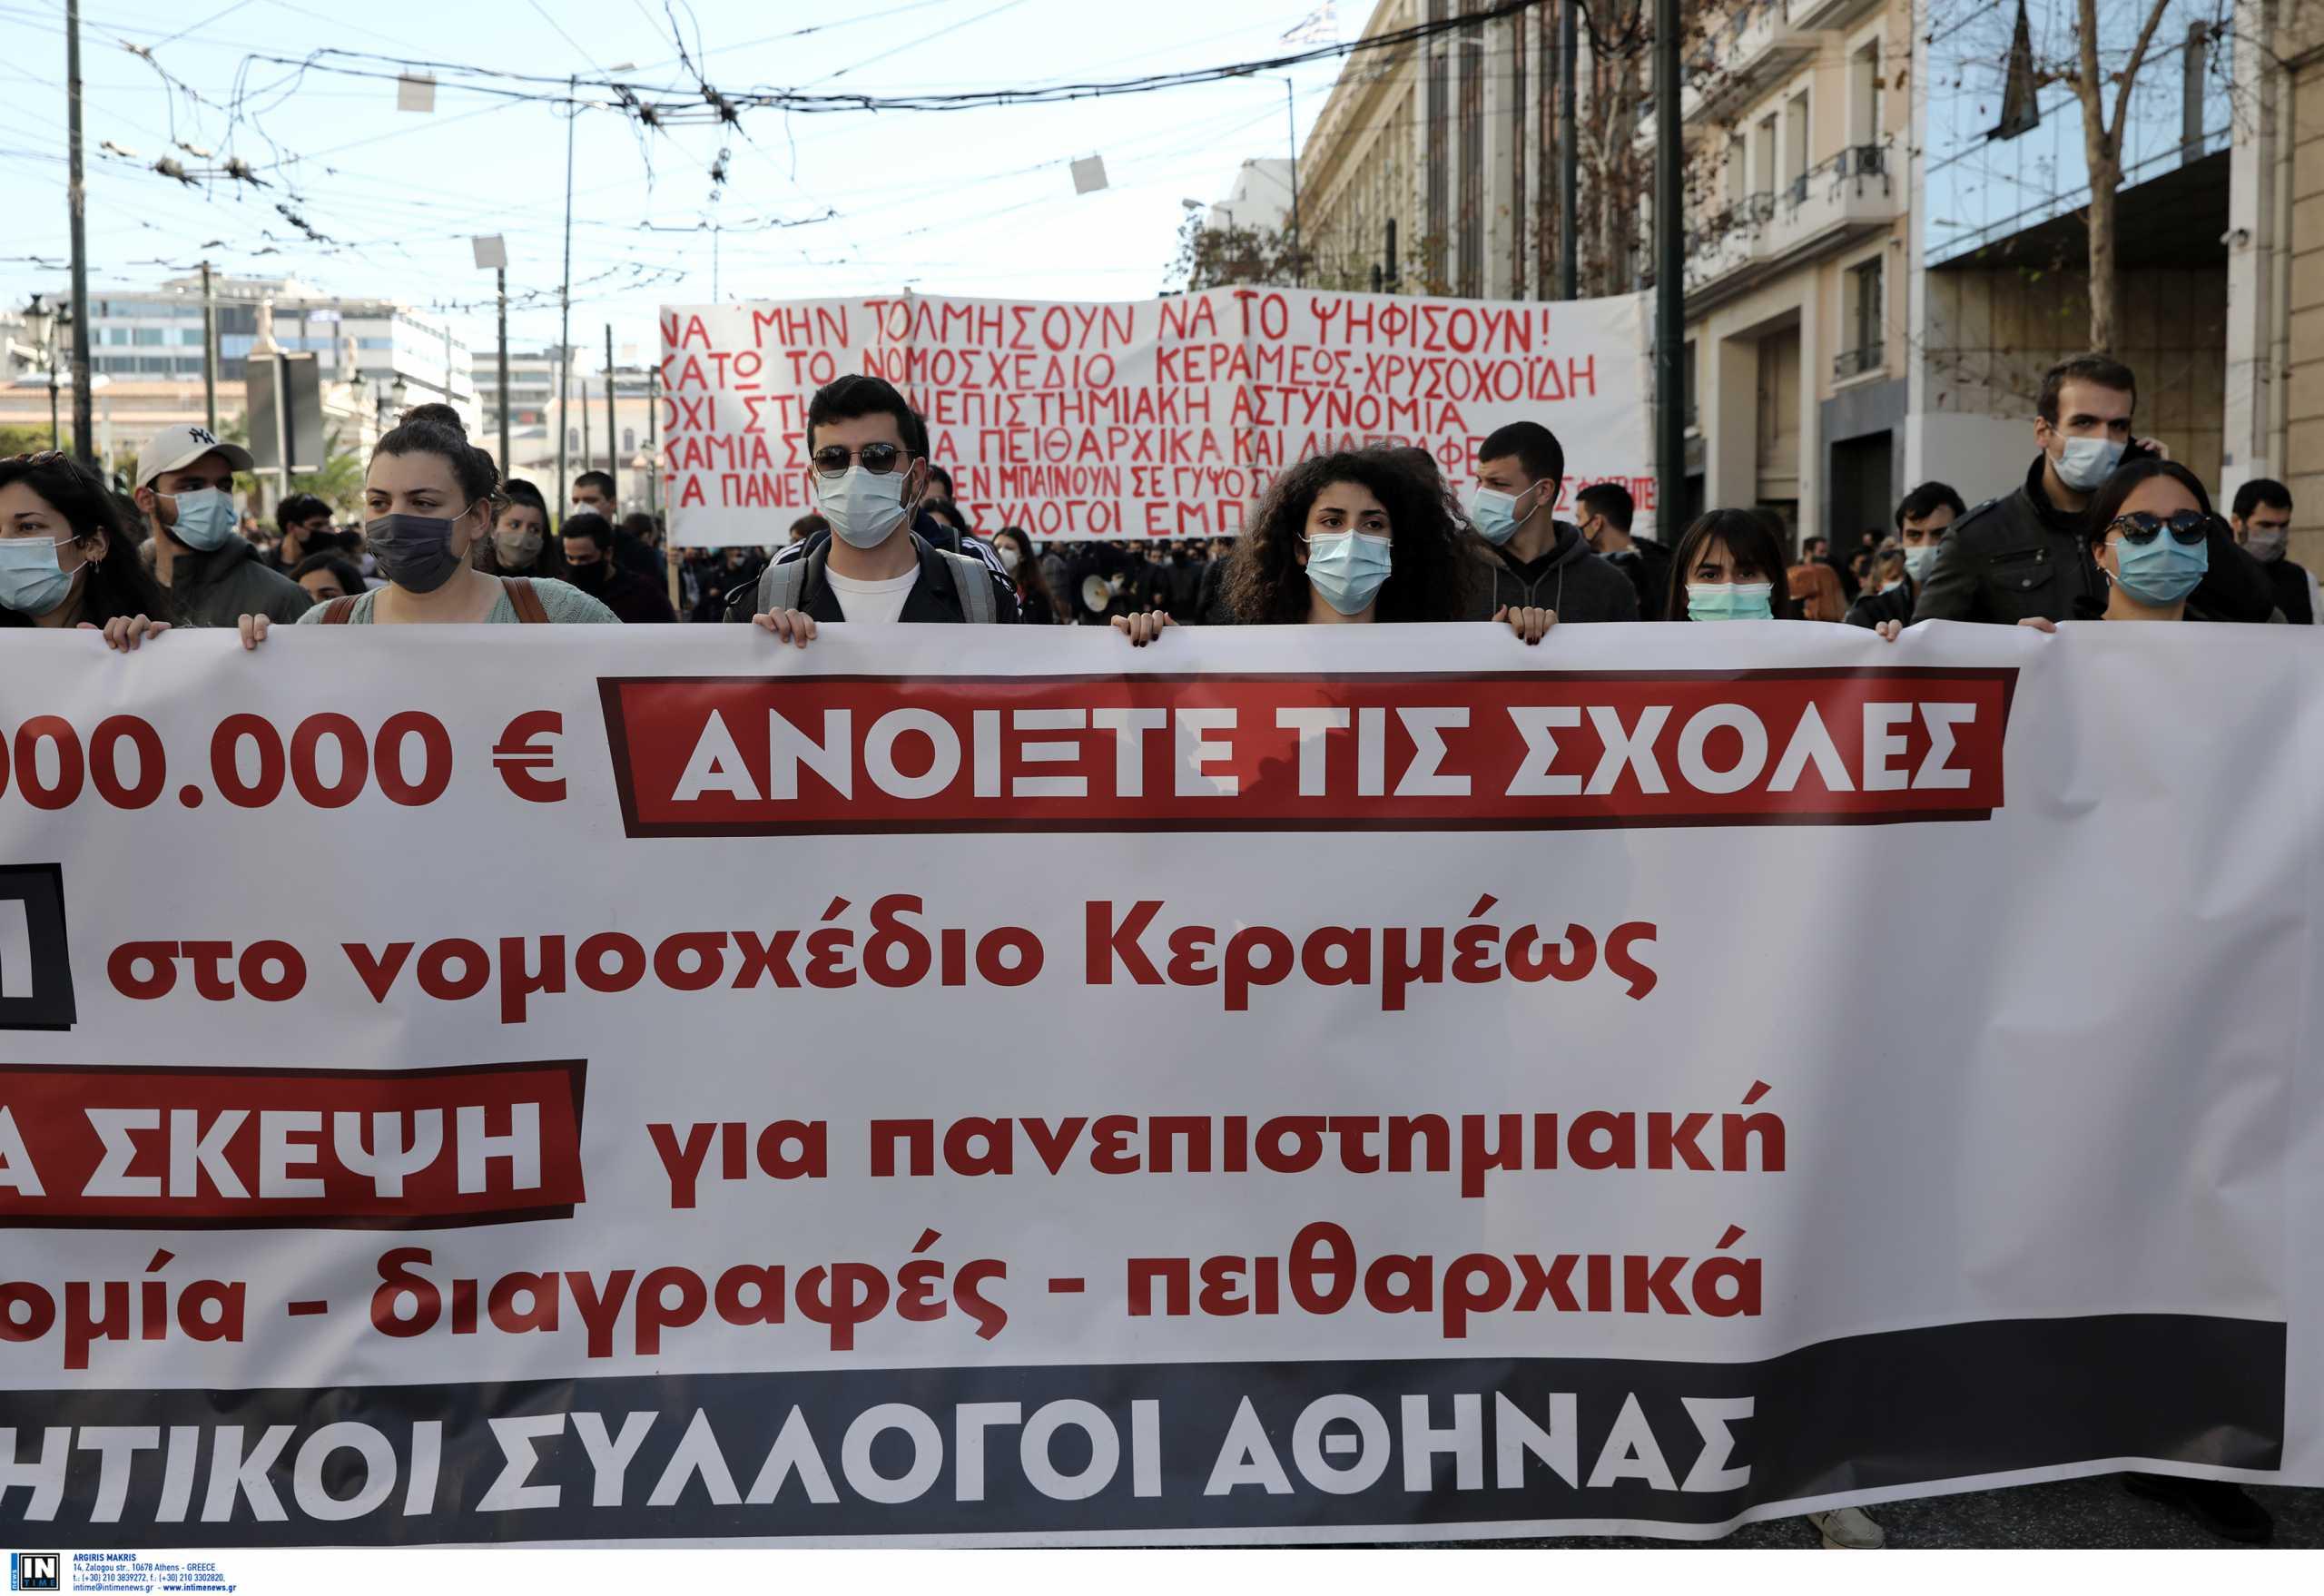 Πανεκπαιδευτικό συλλαλητήριο στην Αθήνα – Κλειστό στο κέντρο (pics)